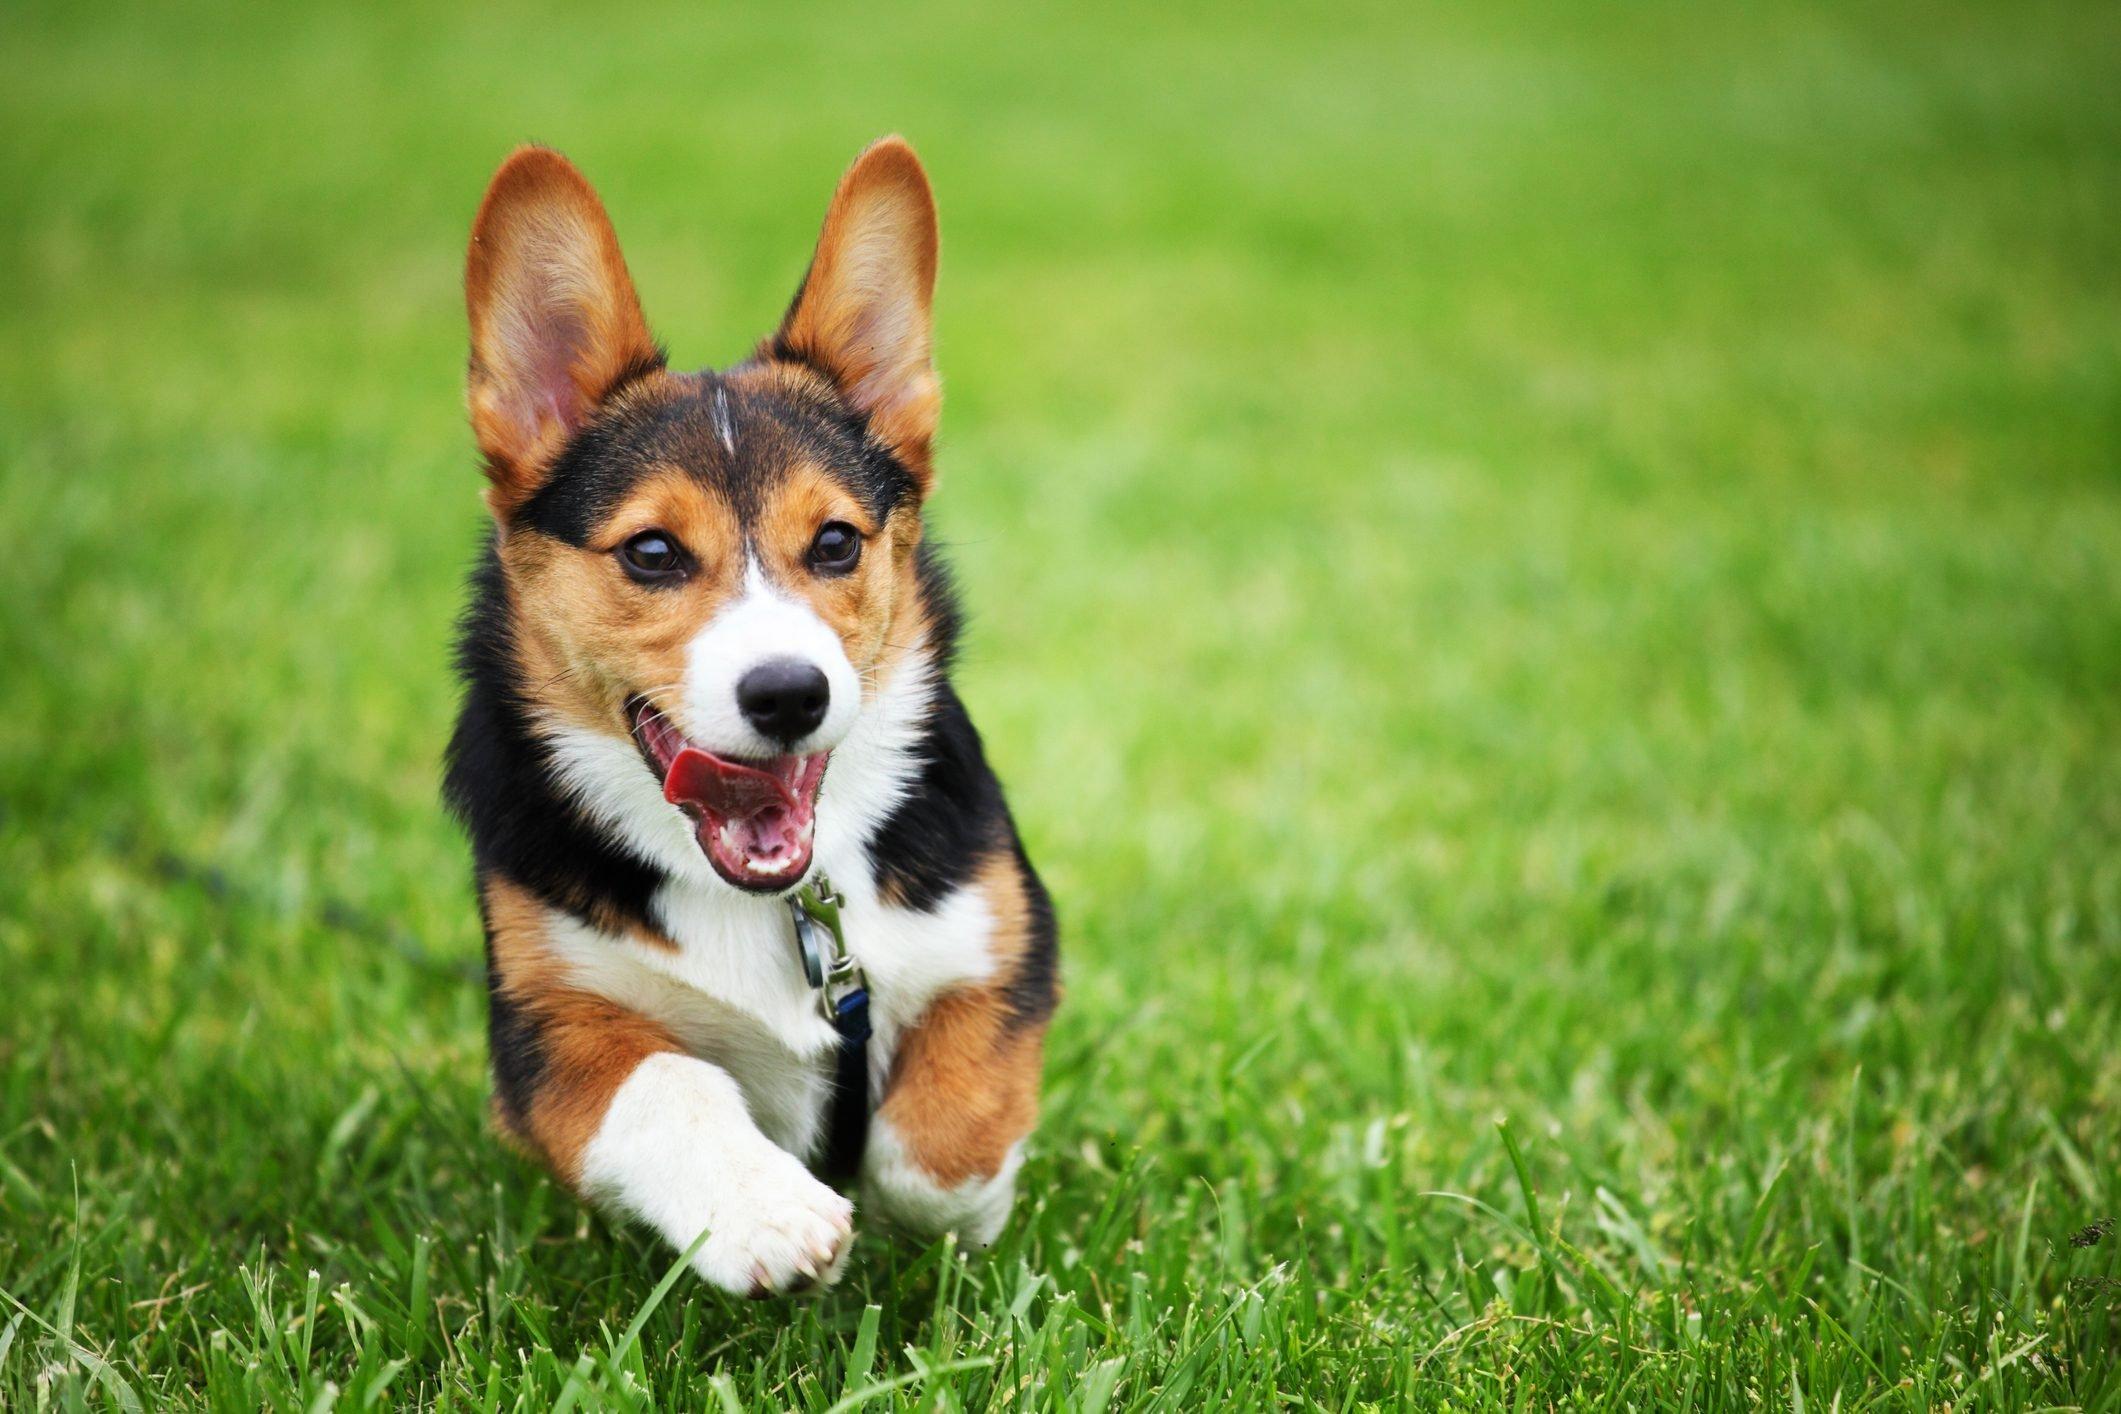 Happy Puppy Running through Grass